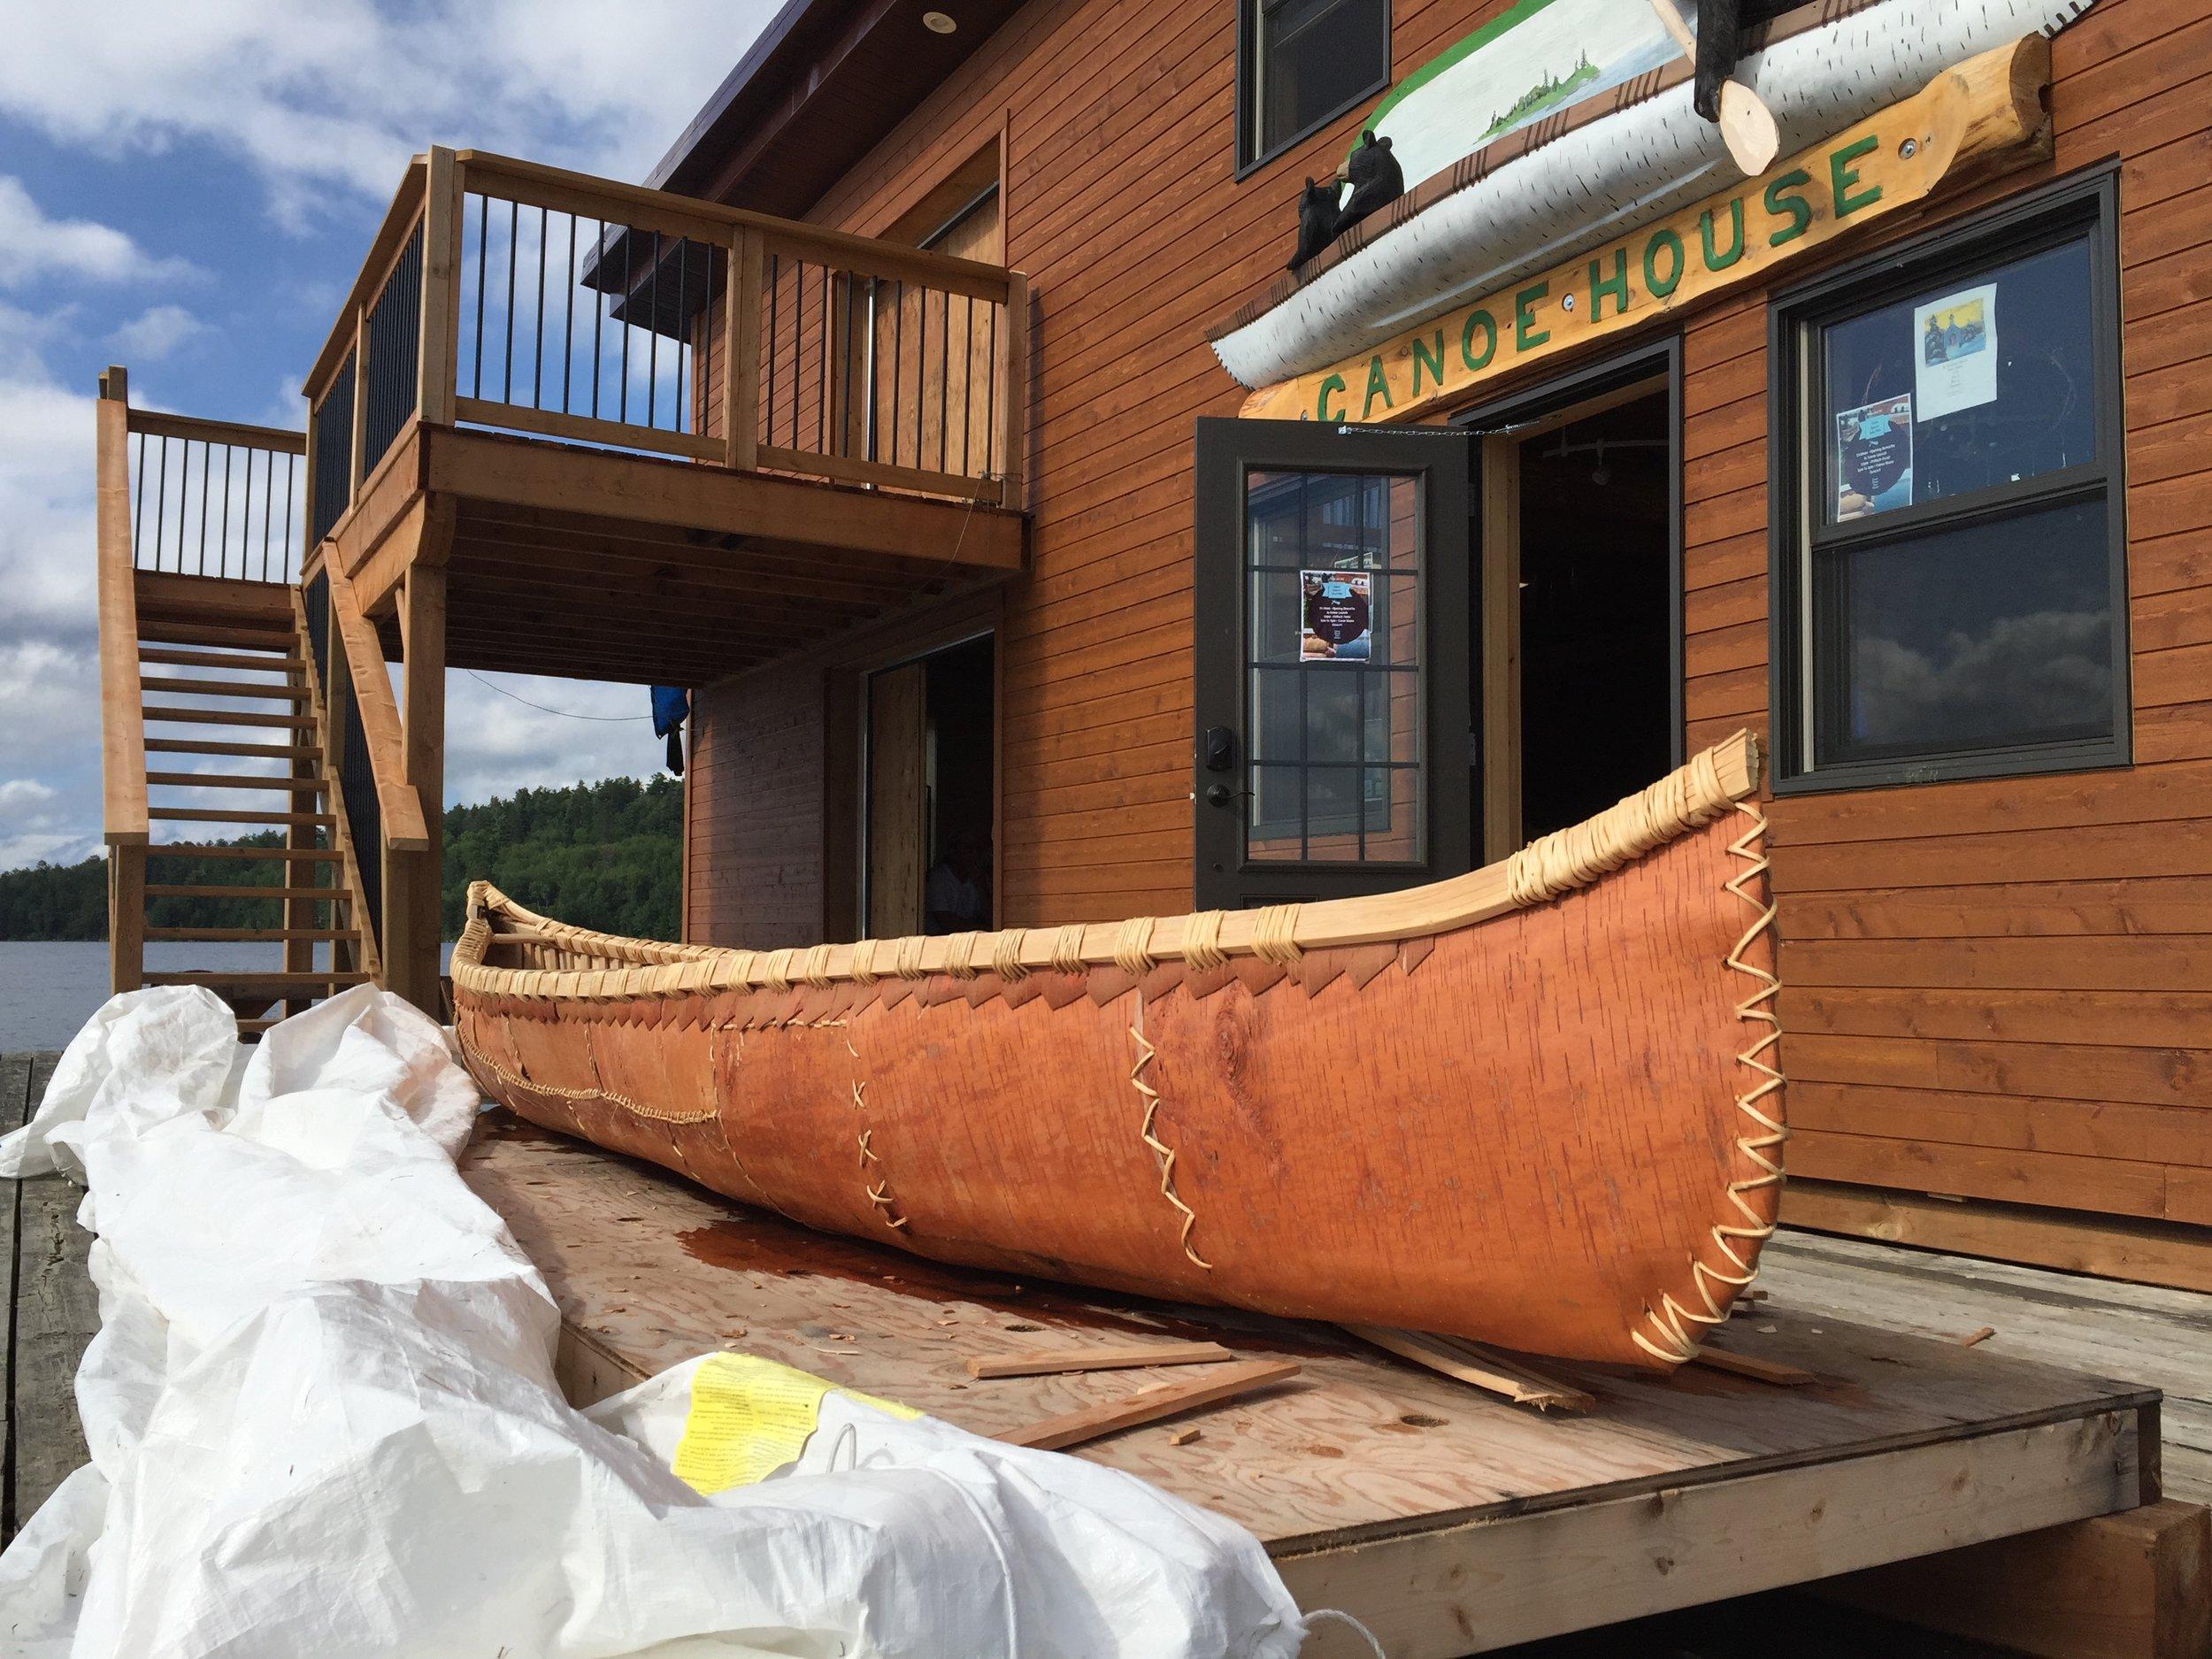 The birchbark canoe